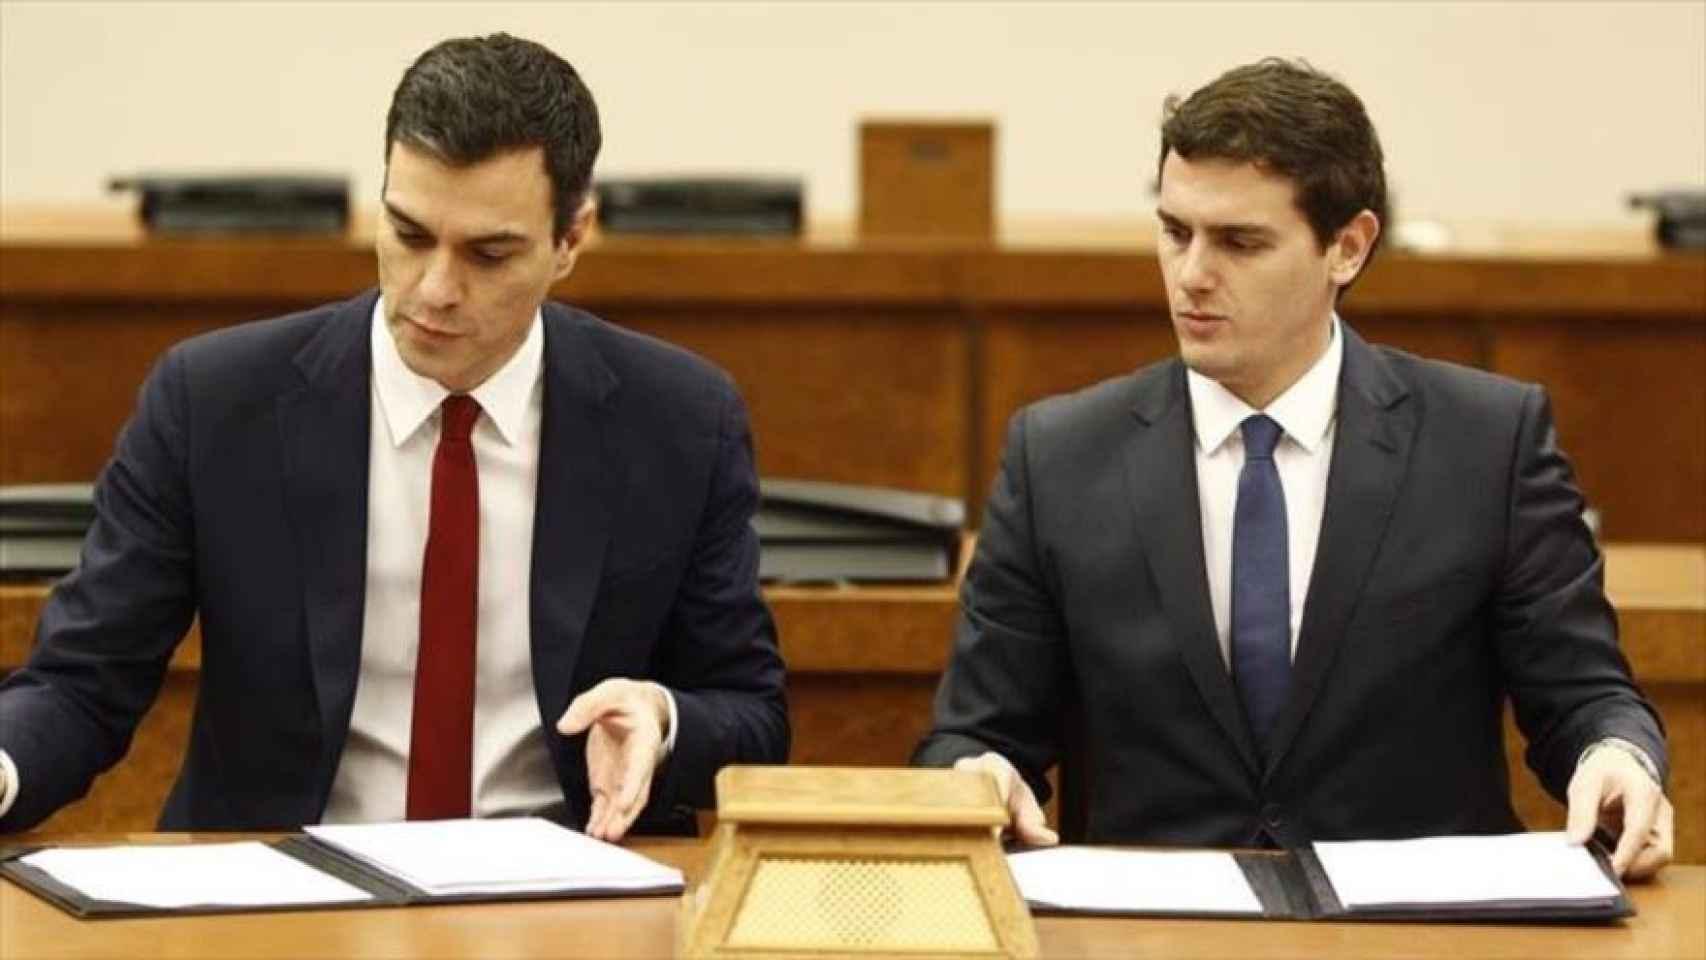 Sánchez y Rivera parecían dos gotas de aguas, excepto por el color de la corbata